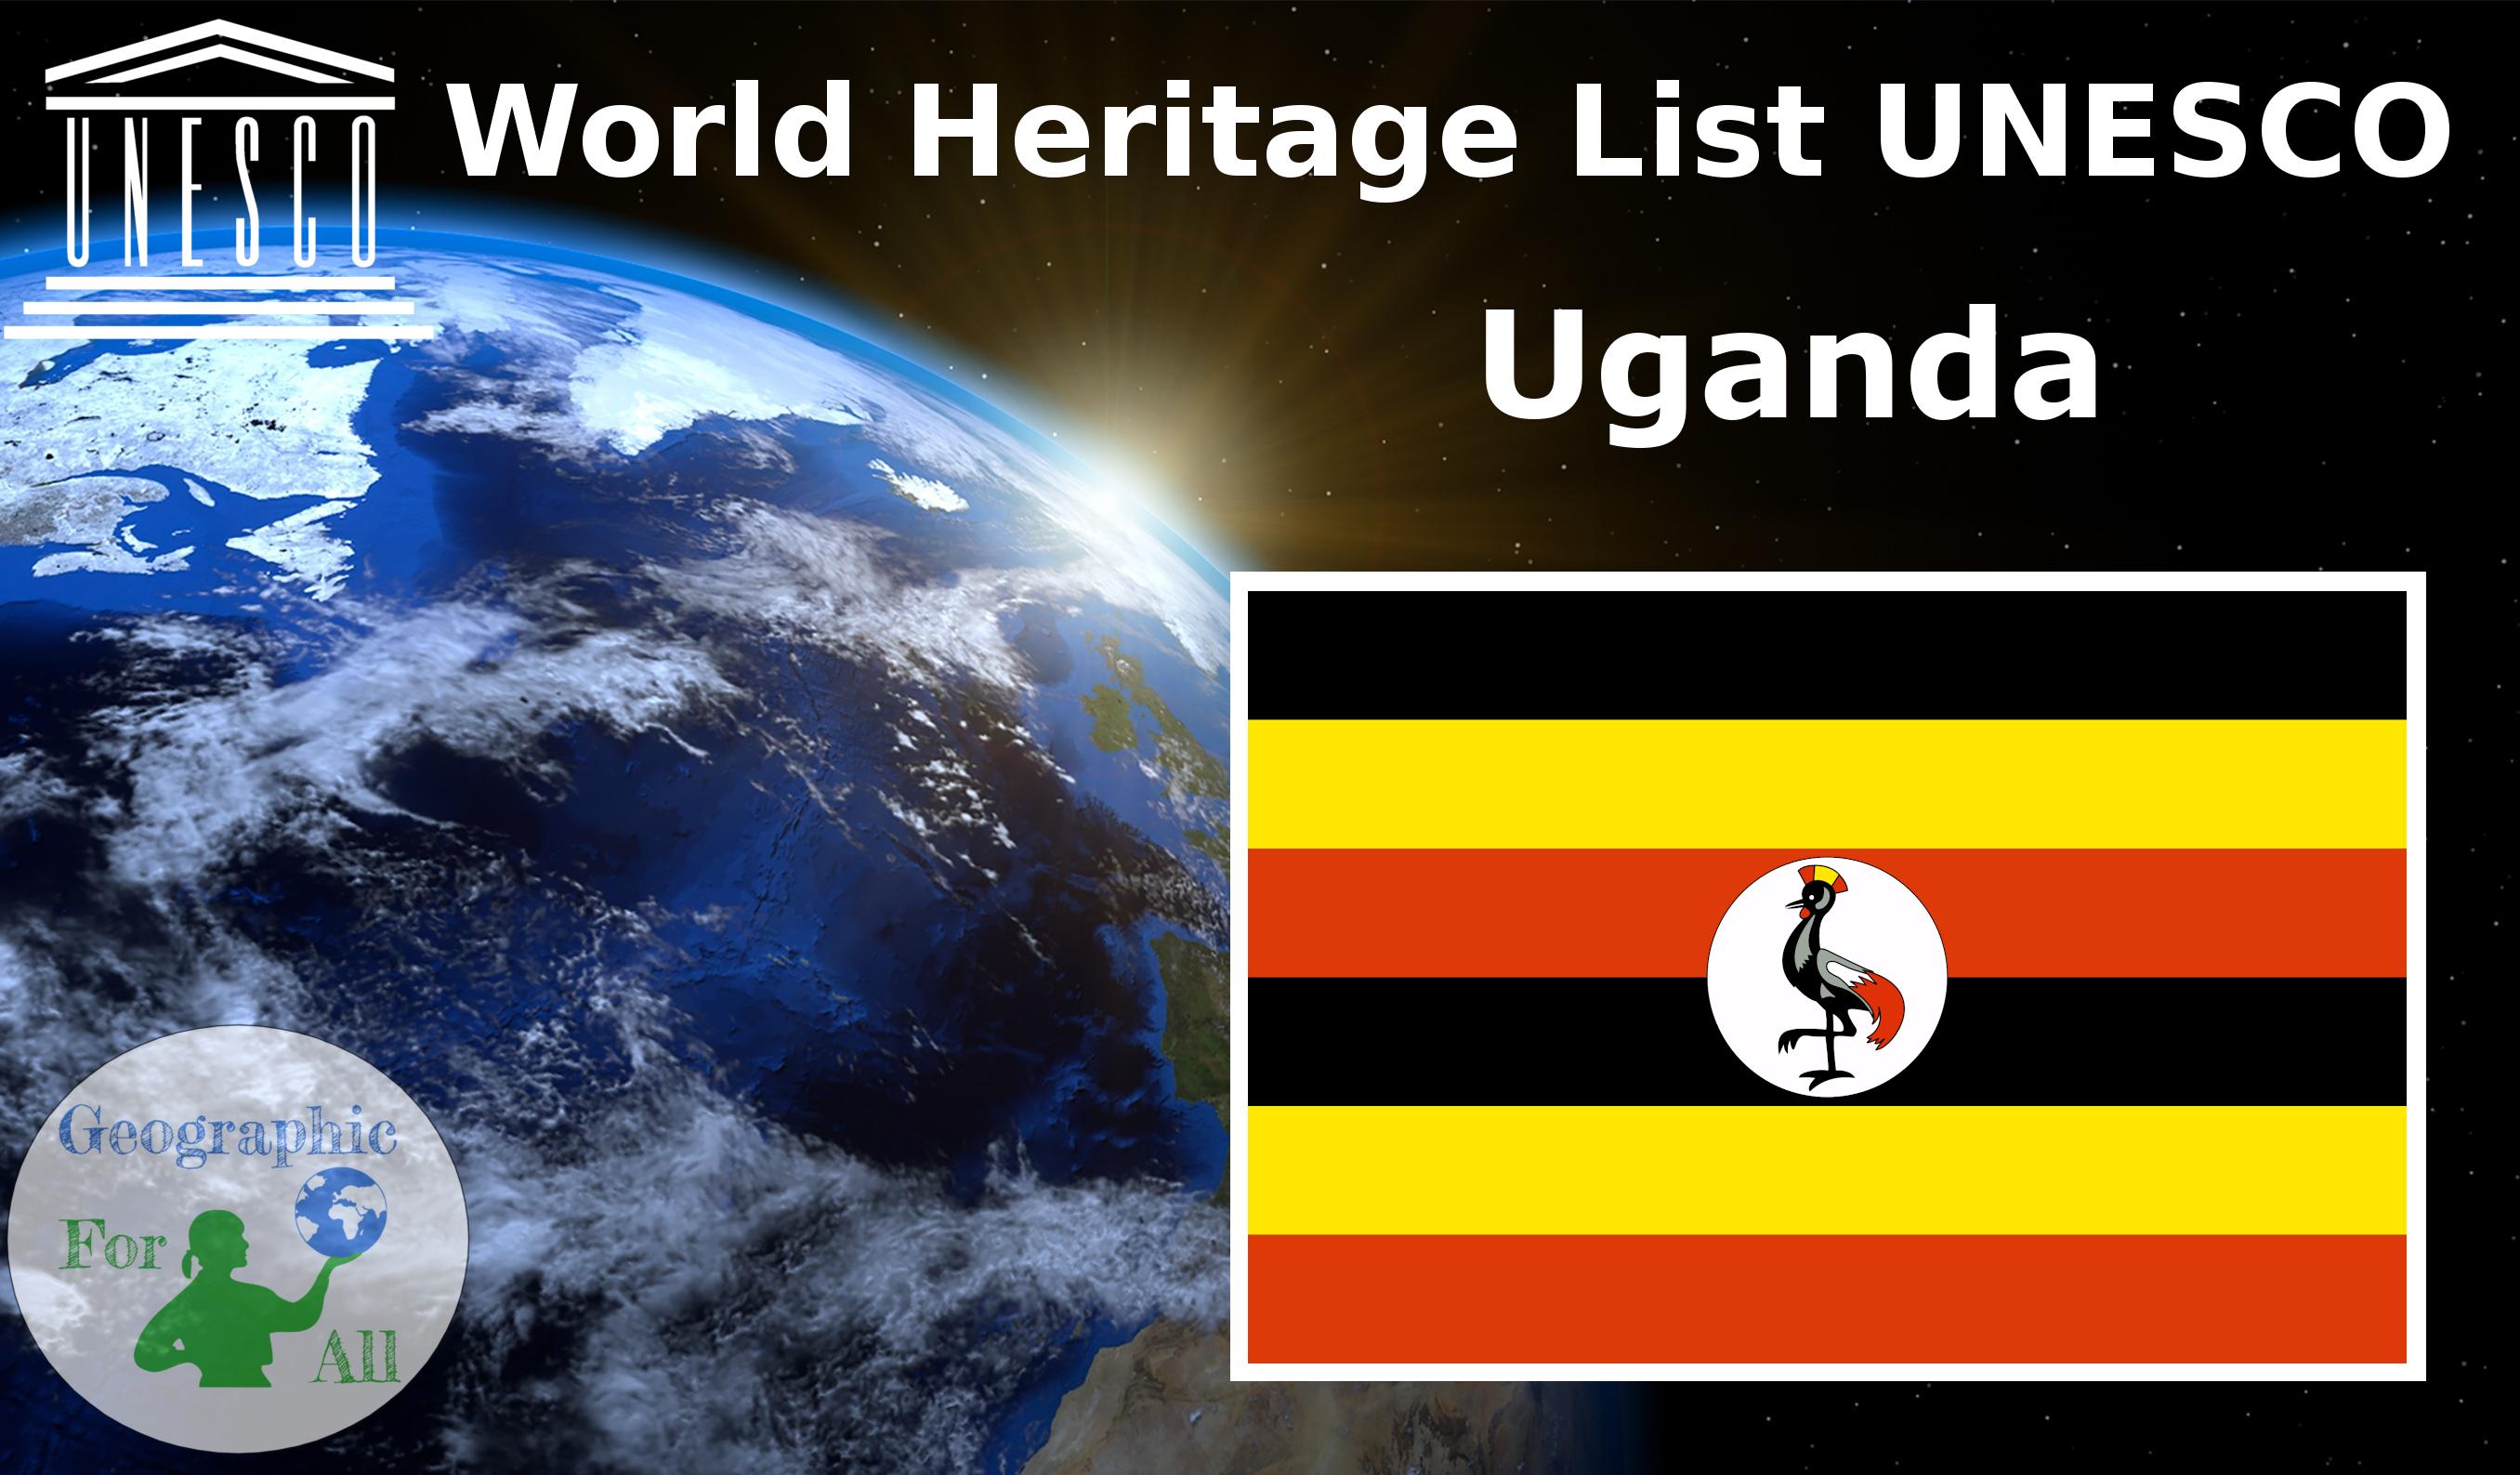 World Heritage List UNESCO - Uganda